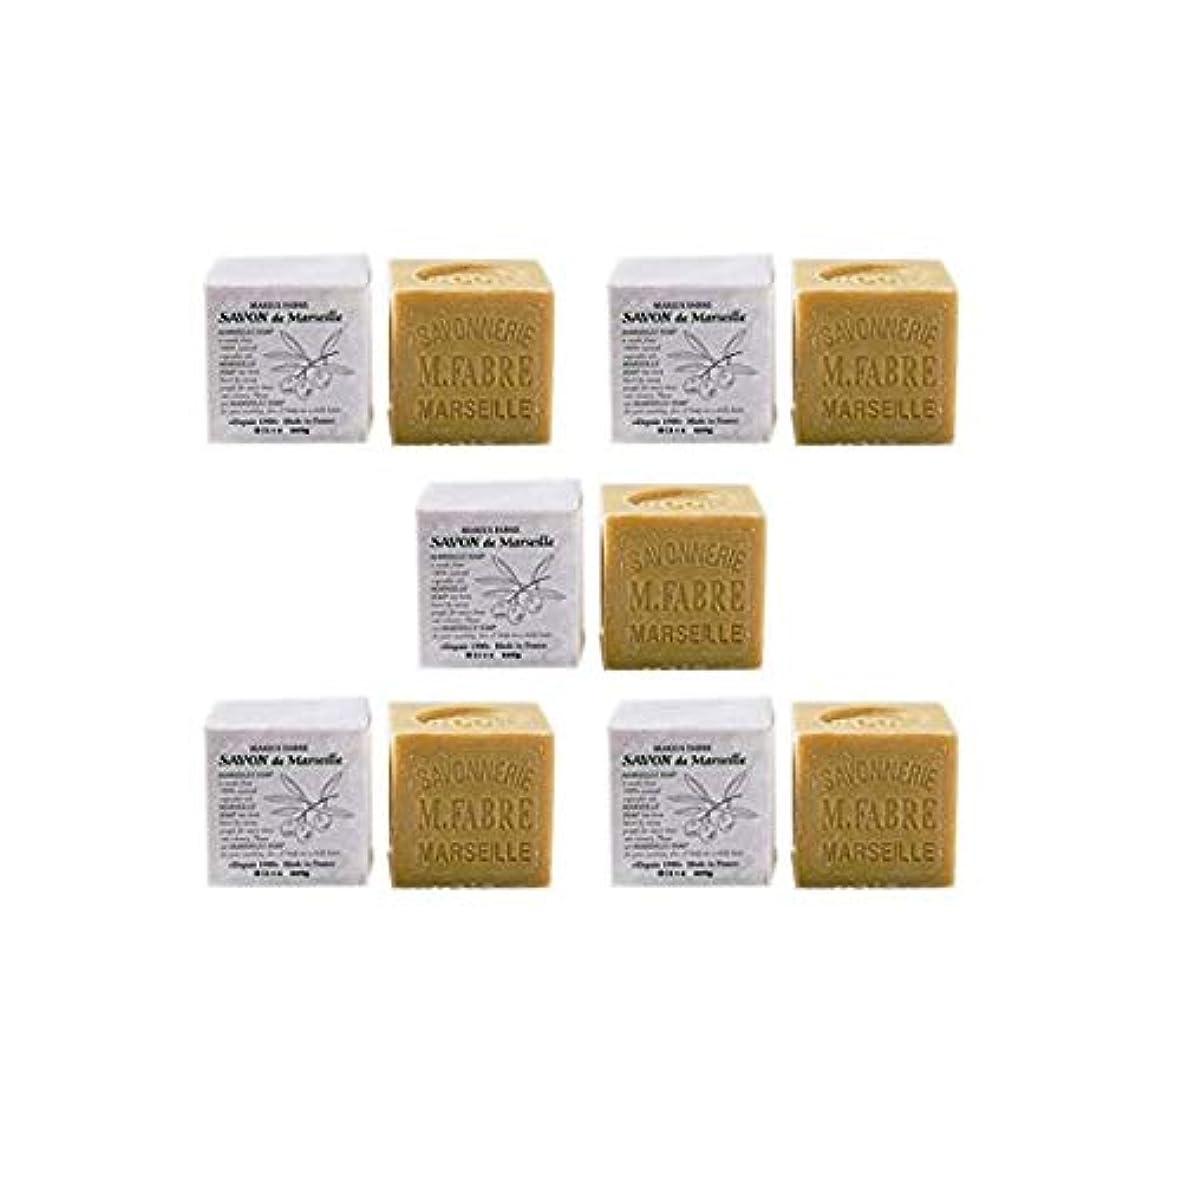 肺炎農奴銛マリウスファーブルジューン社 サボンドマルセイユ無香料200gオリーブN 5個セット(200g×5個)無添加オリーブ石鹸